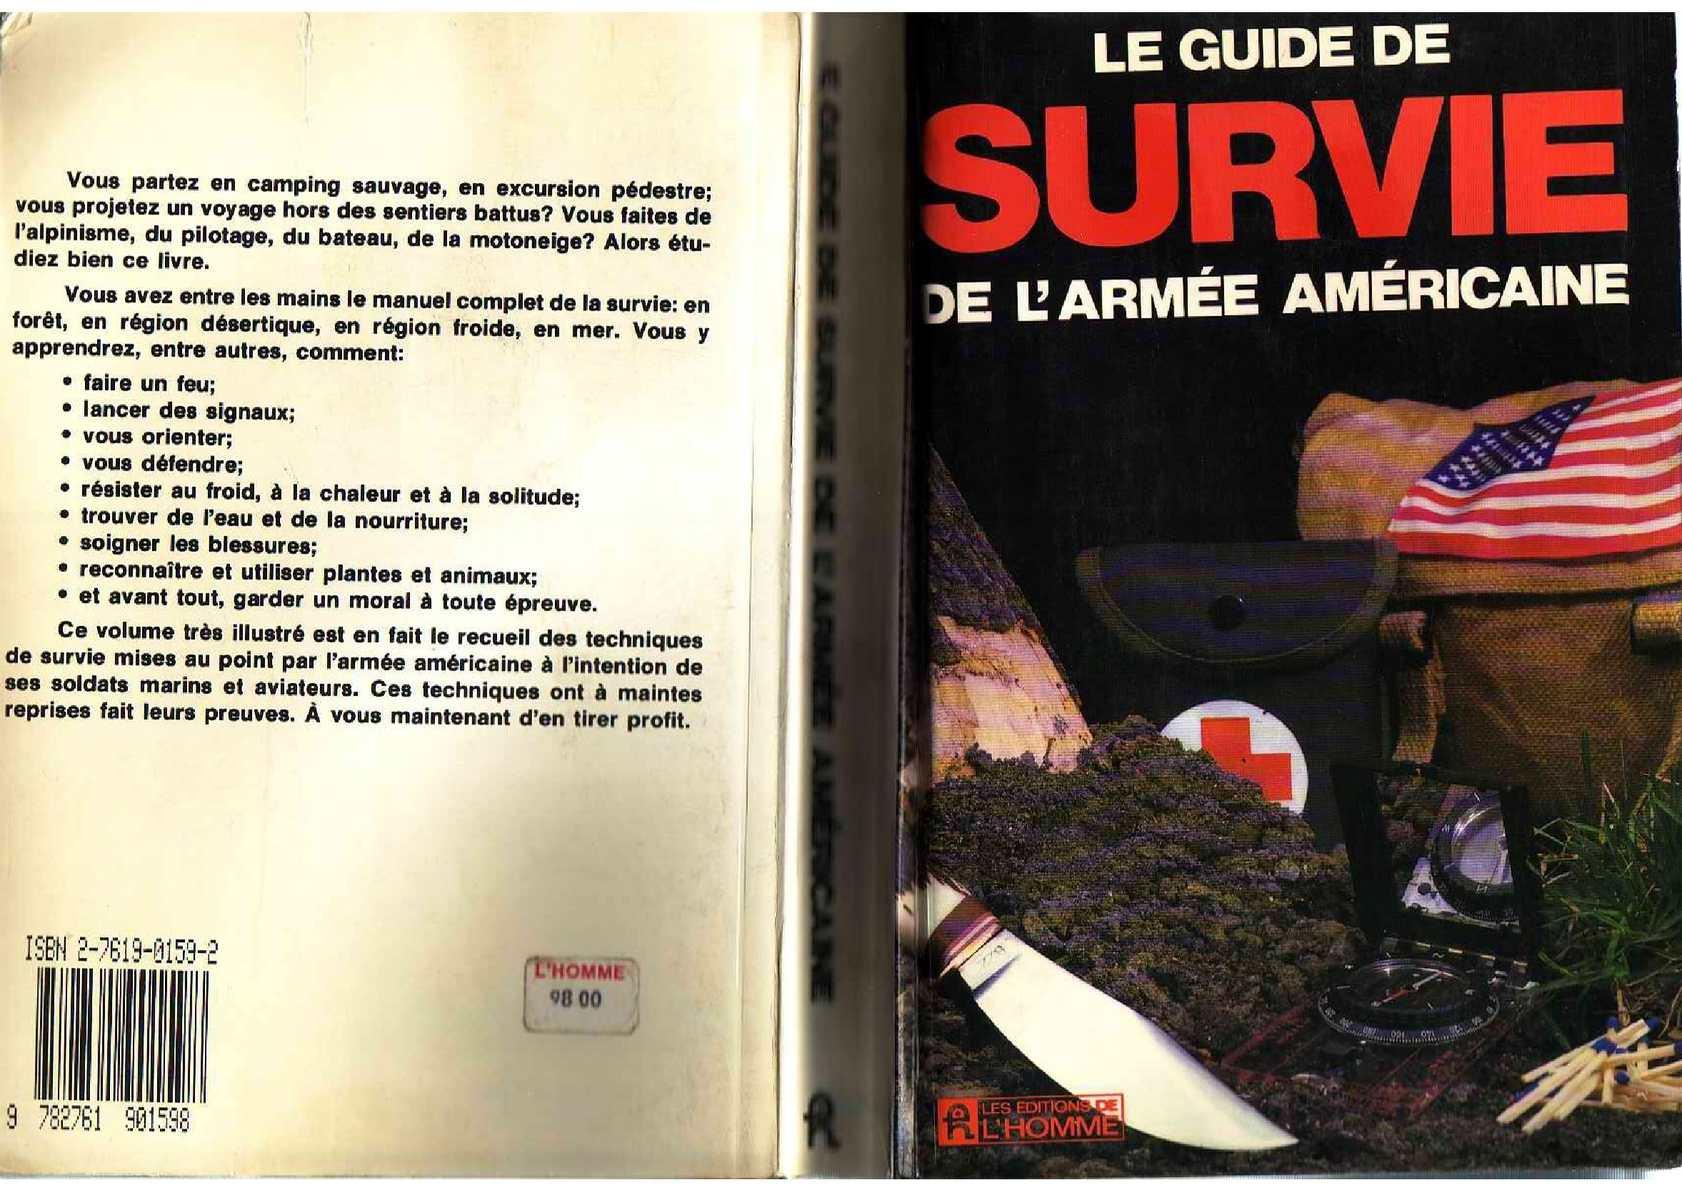 Guide de Survie de l'armée Américaine